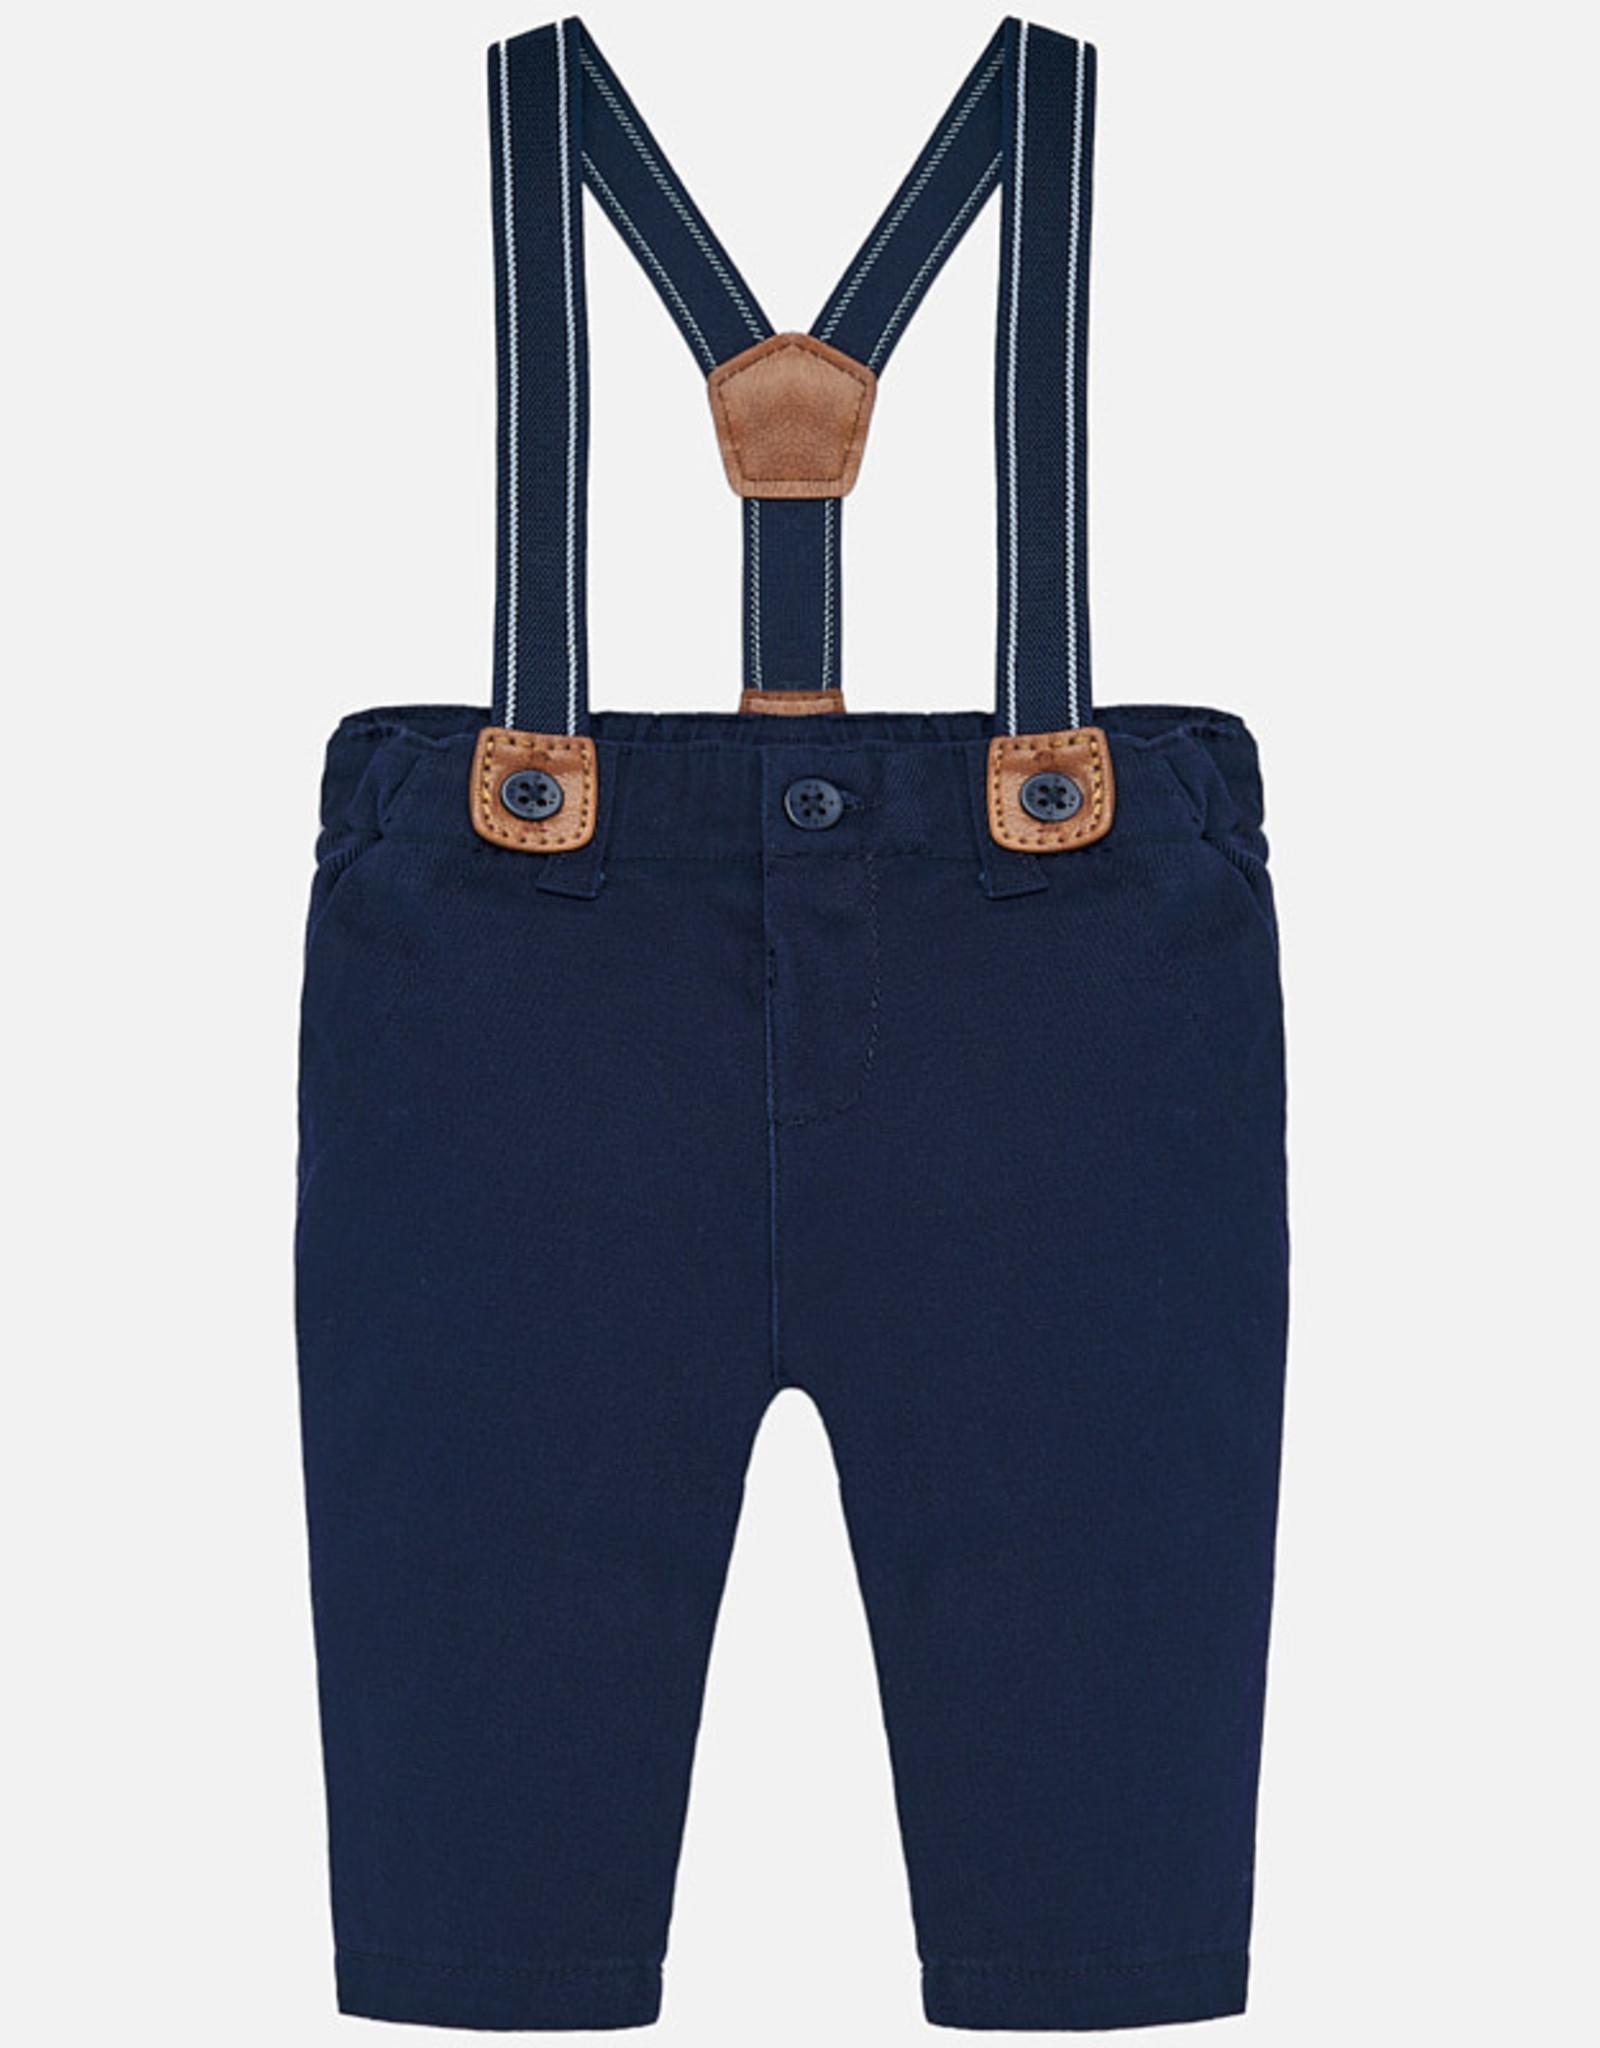 Pantalon avec bretelles